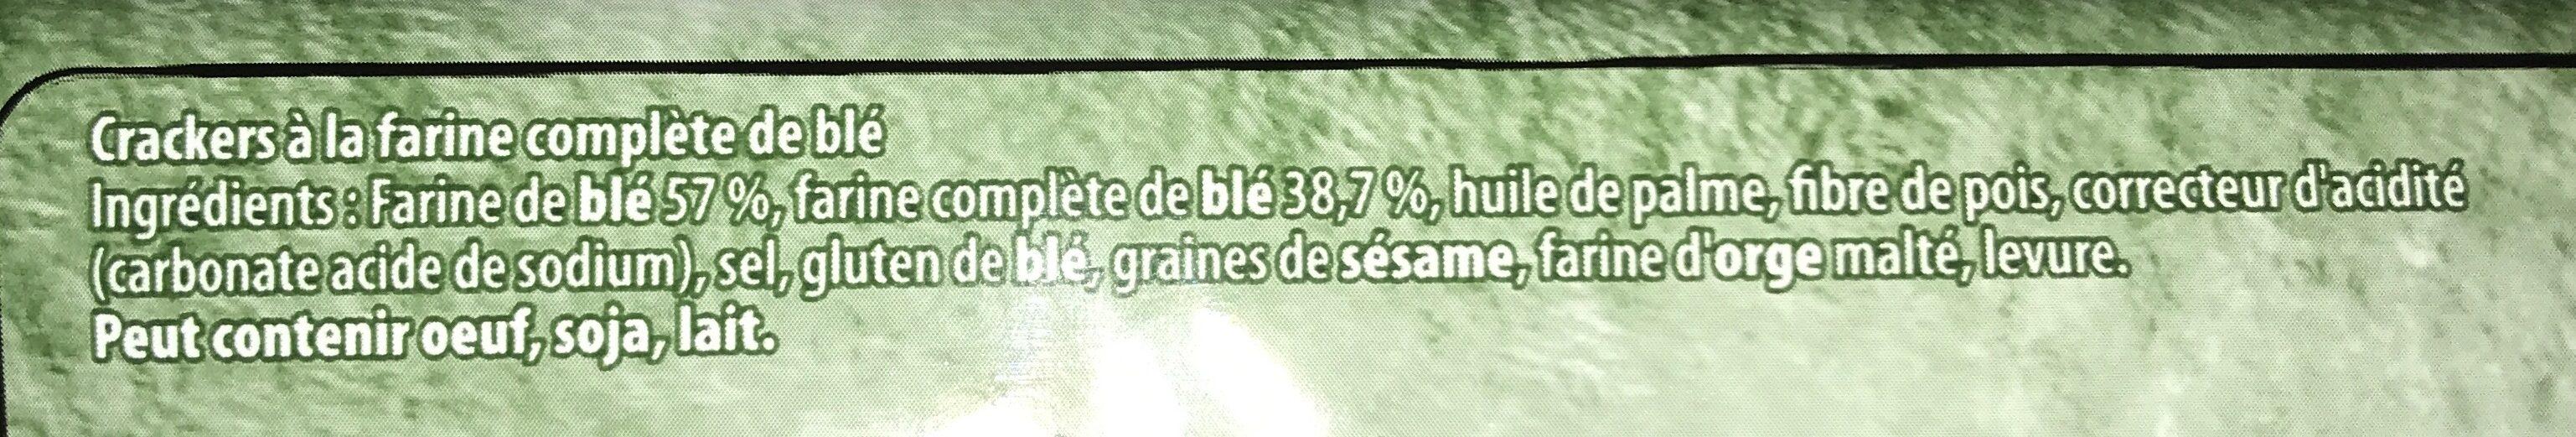 Premium Blé Complet - Ingrédients - fr